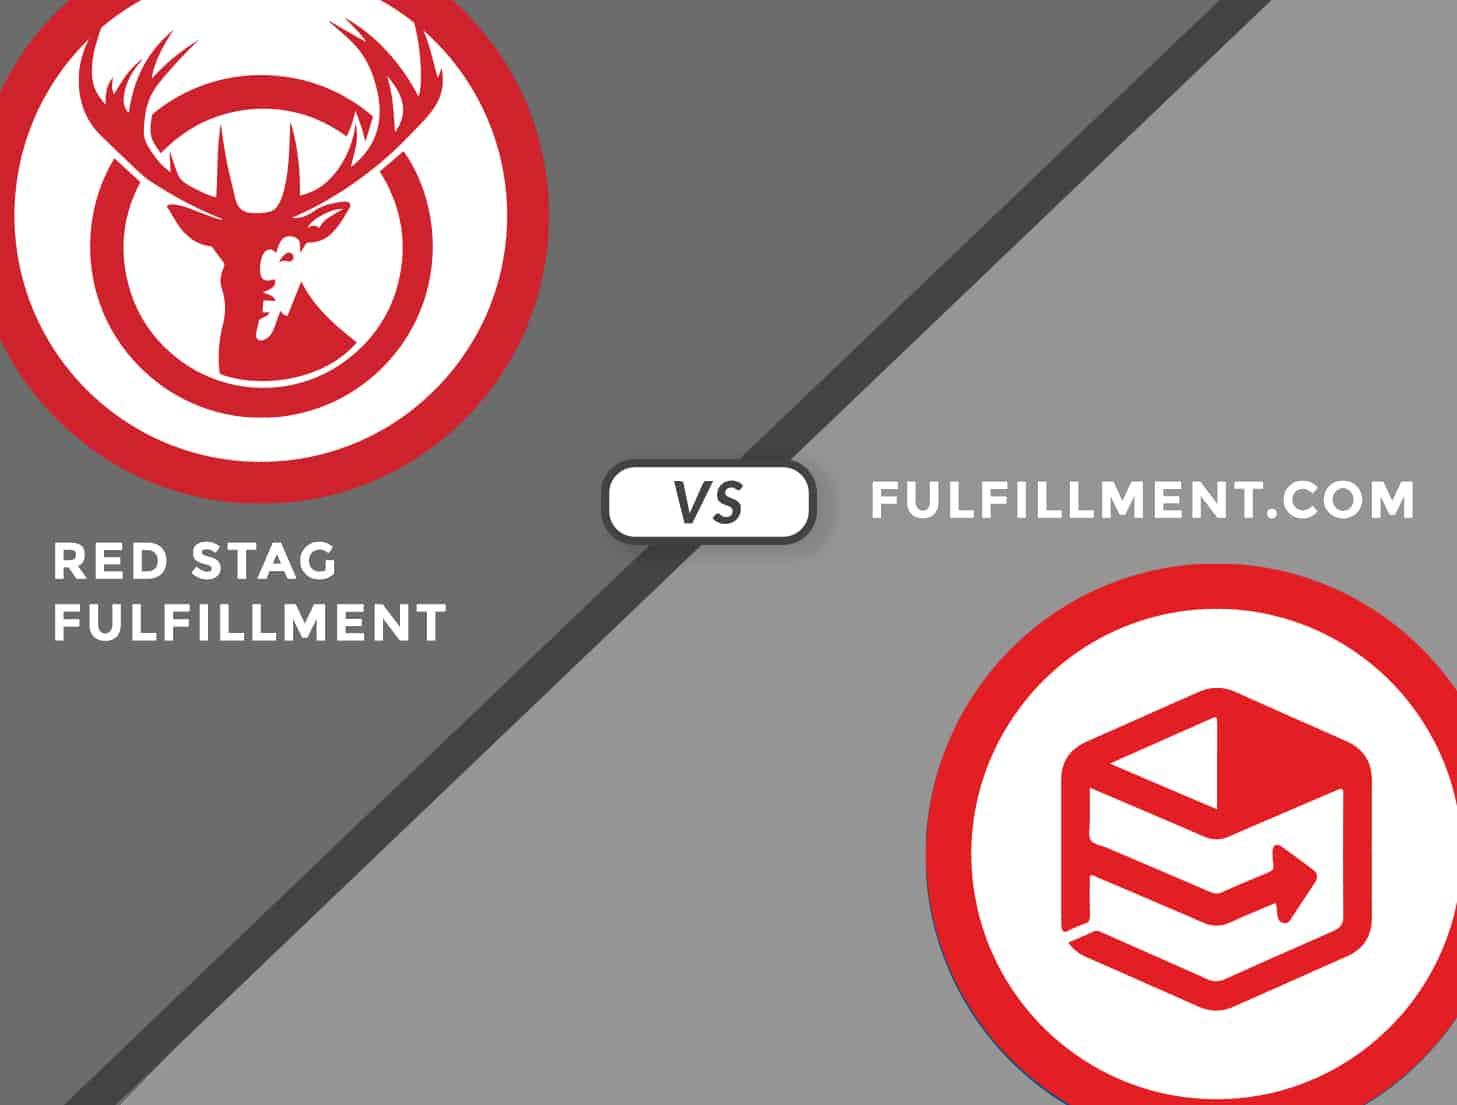 RSF vs. Fulfillment.com